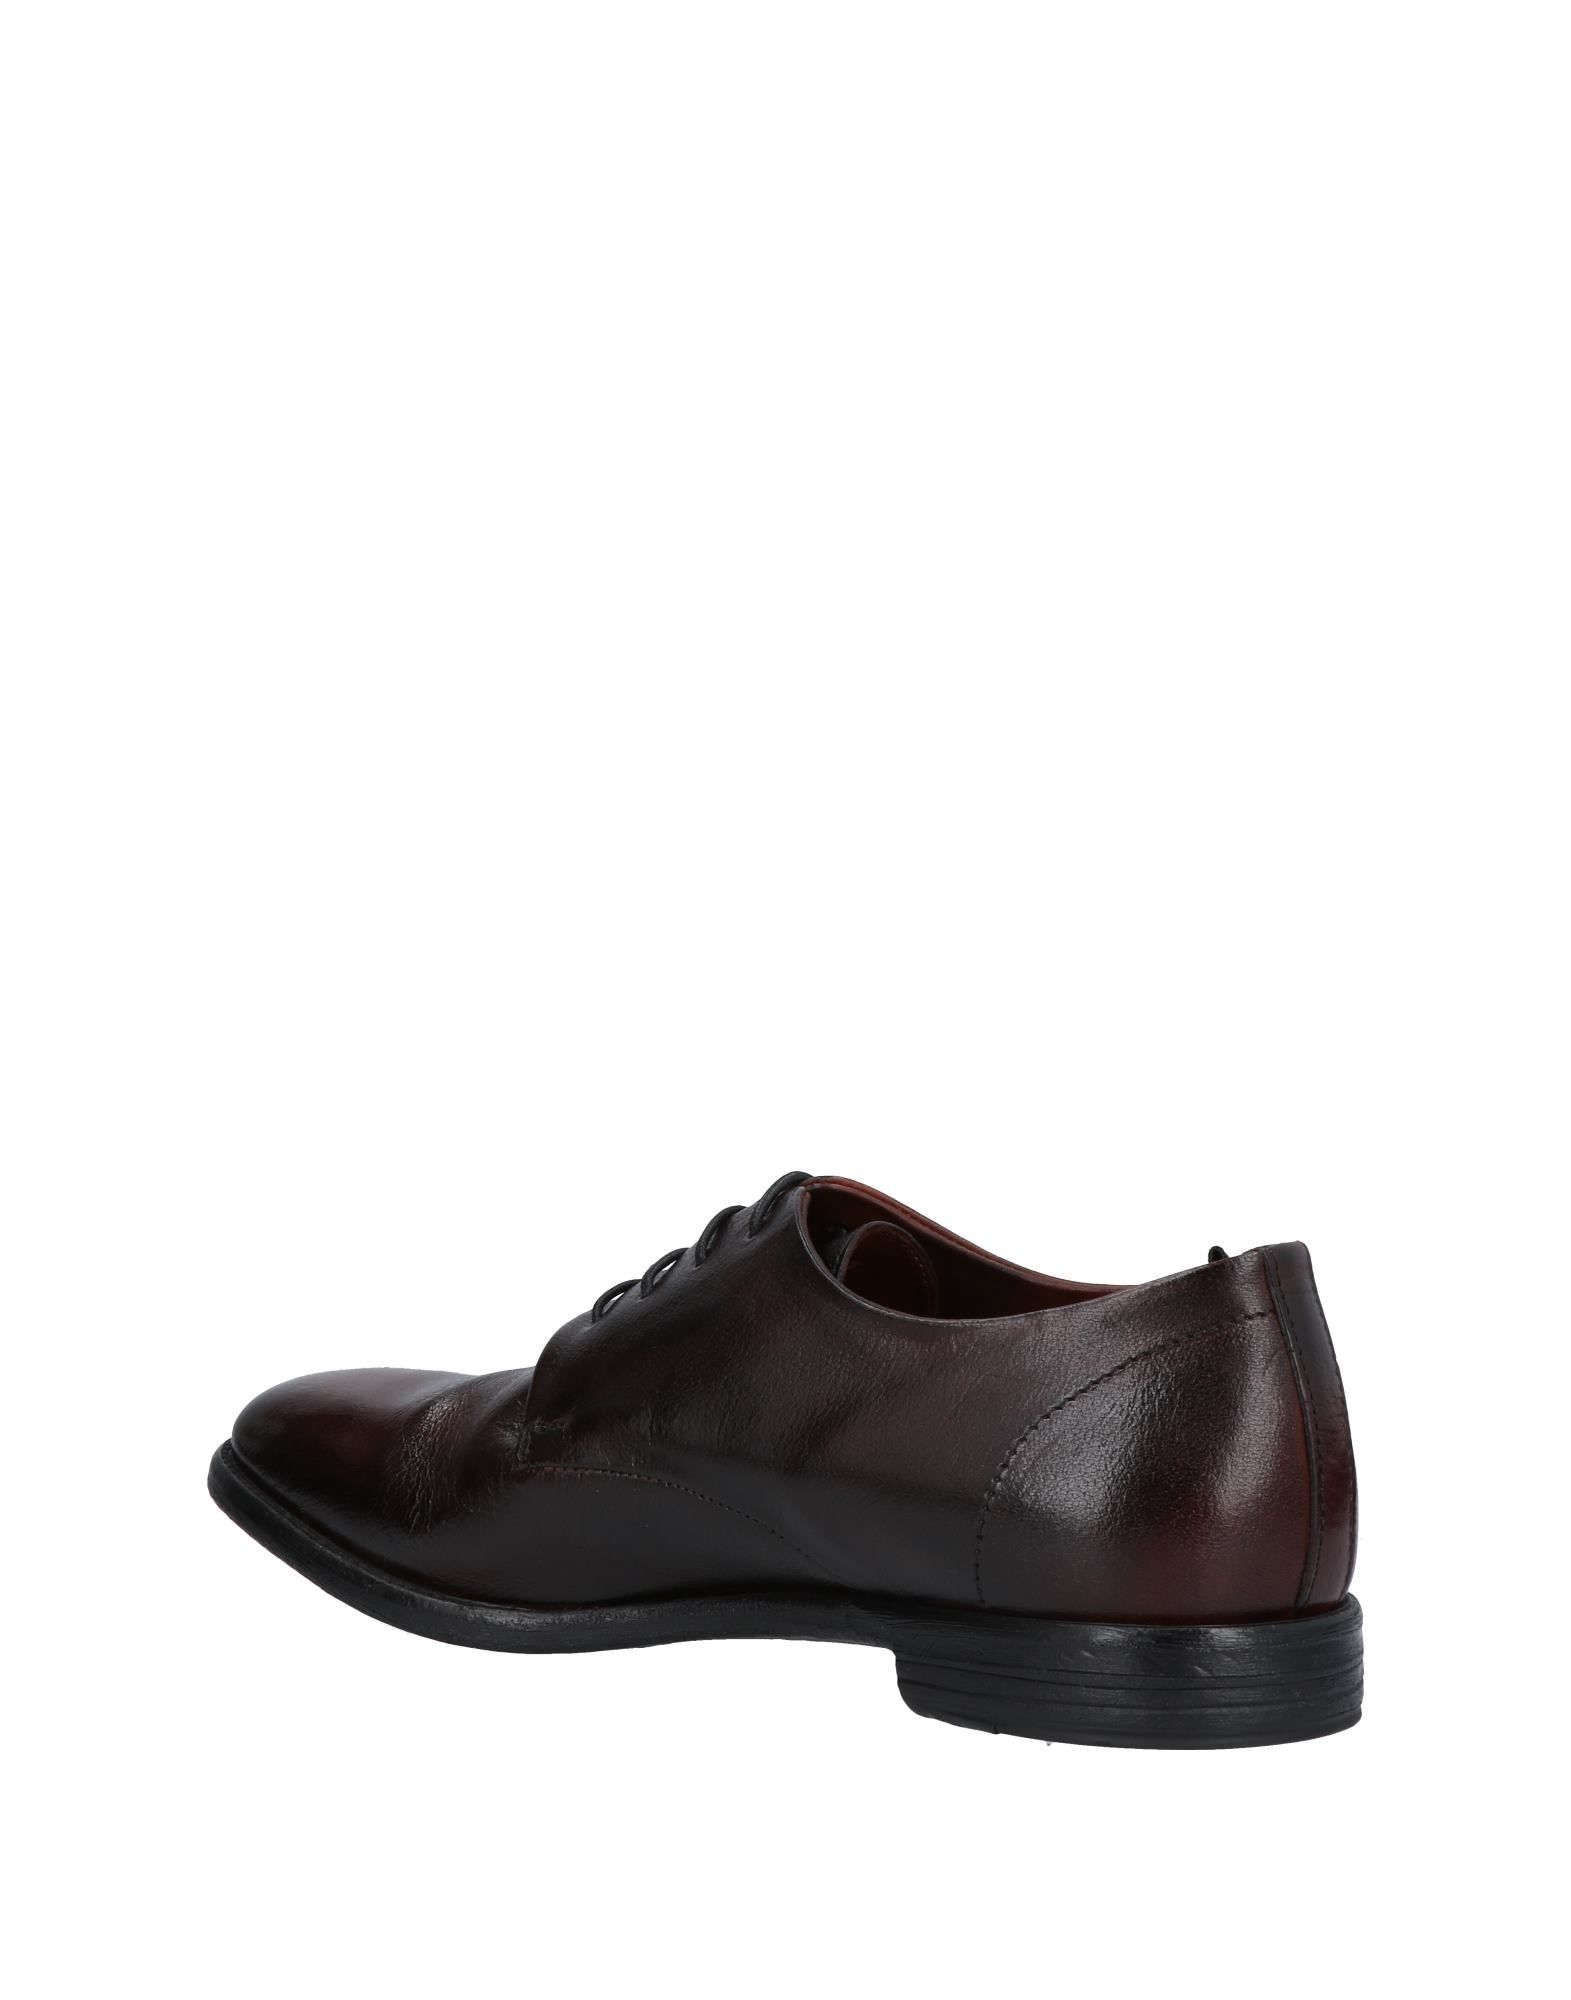 Alexander Hotto Schnürschuhe Herren  11451668EG Neue Schuhe